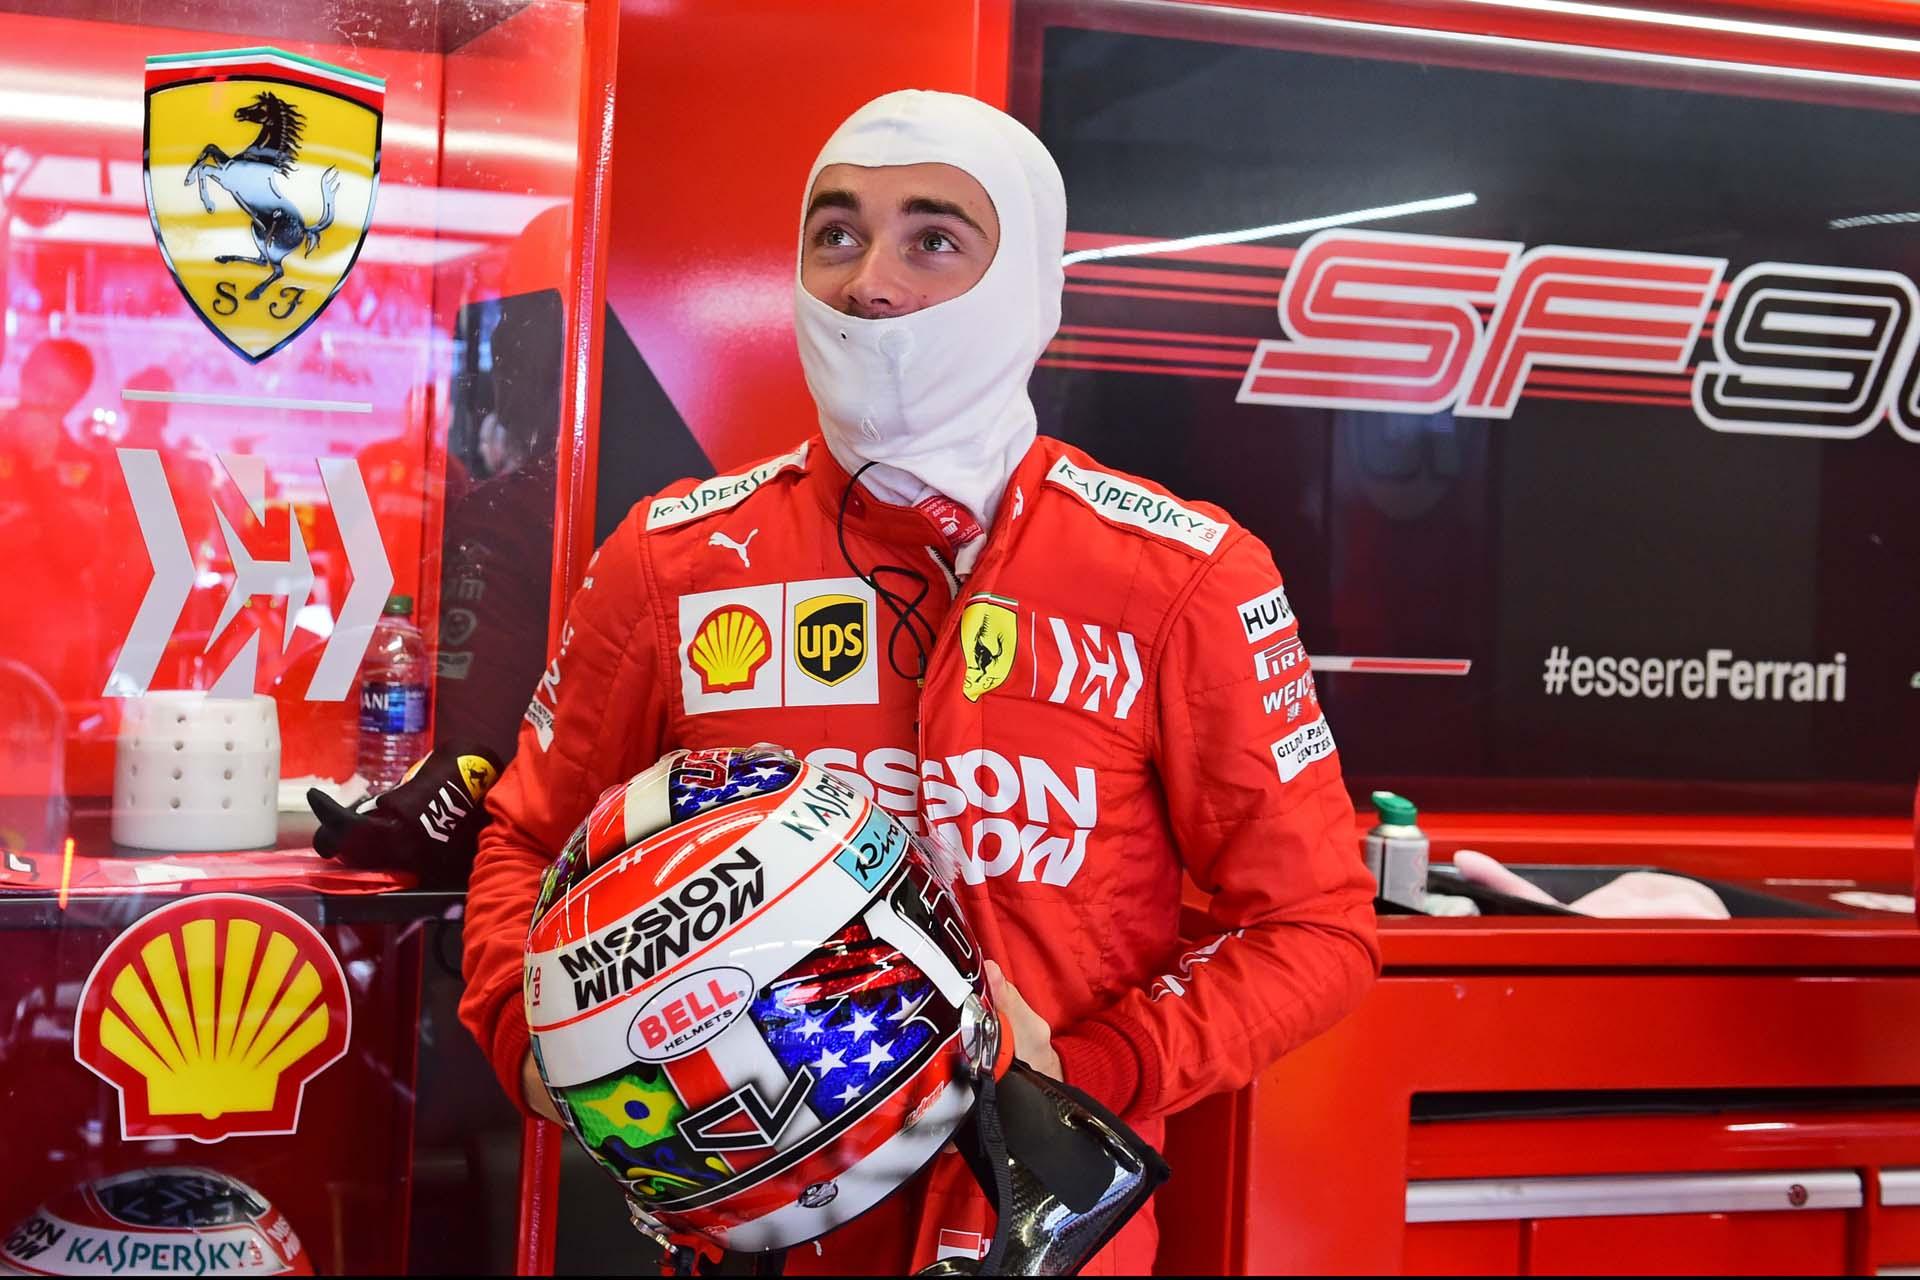 GP USA F1/2019 - SABATO 02/11/2019